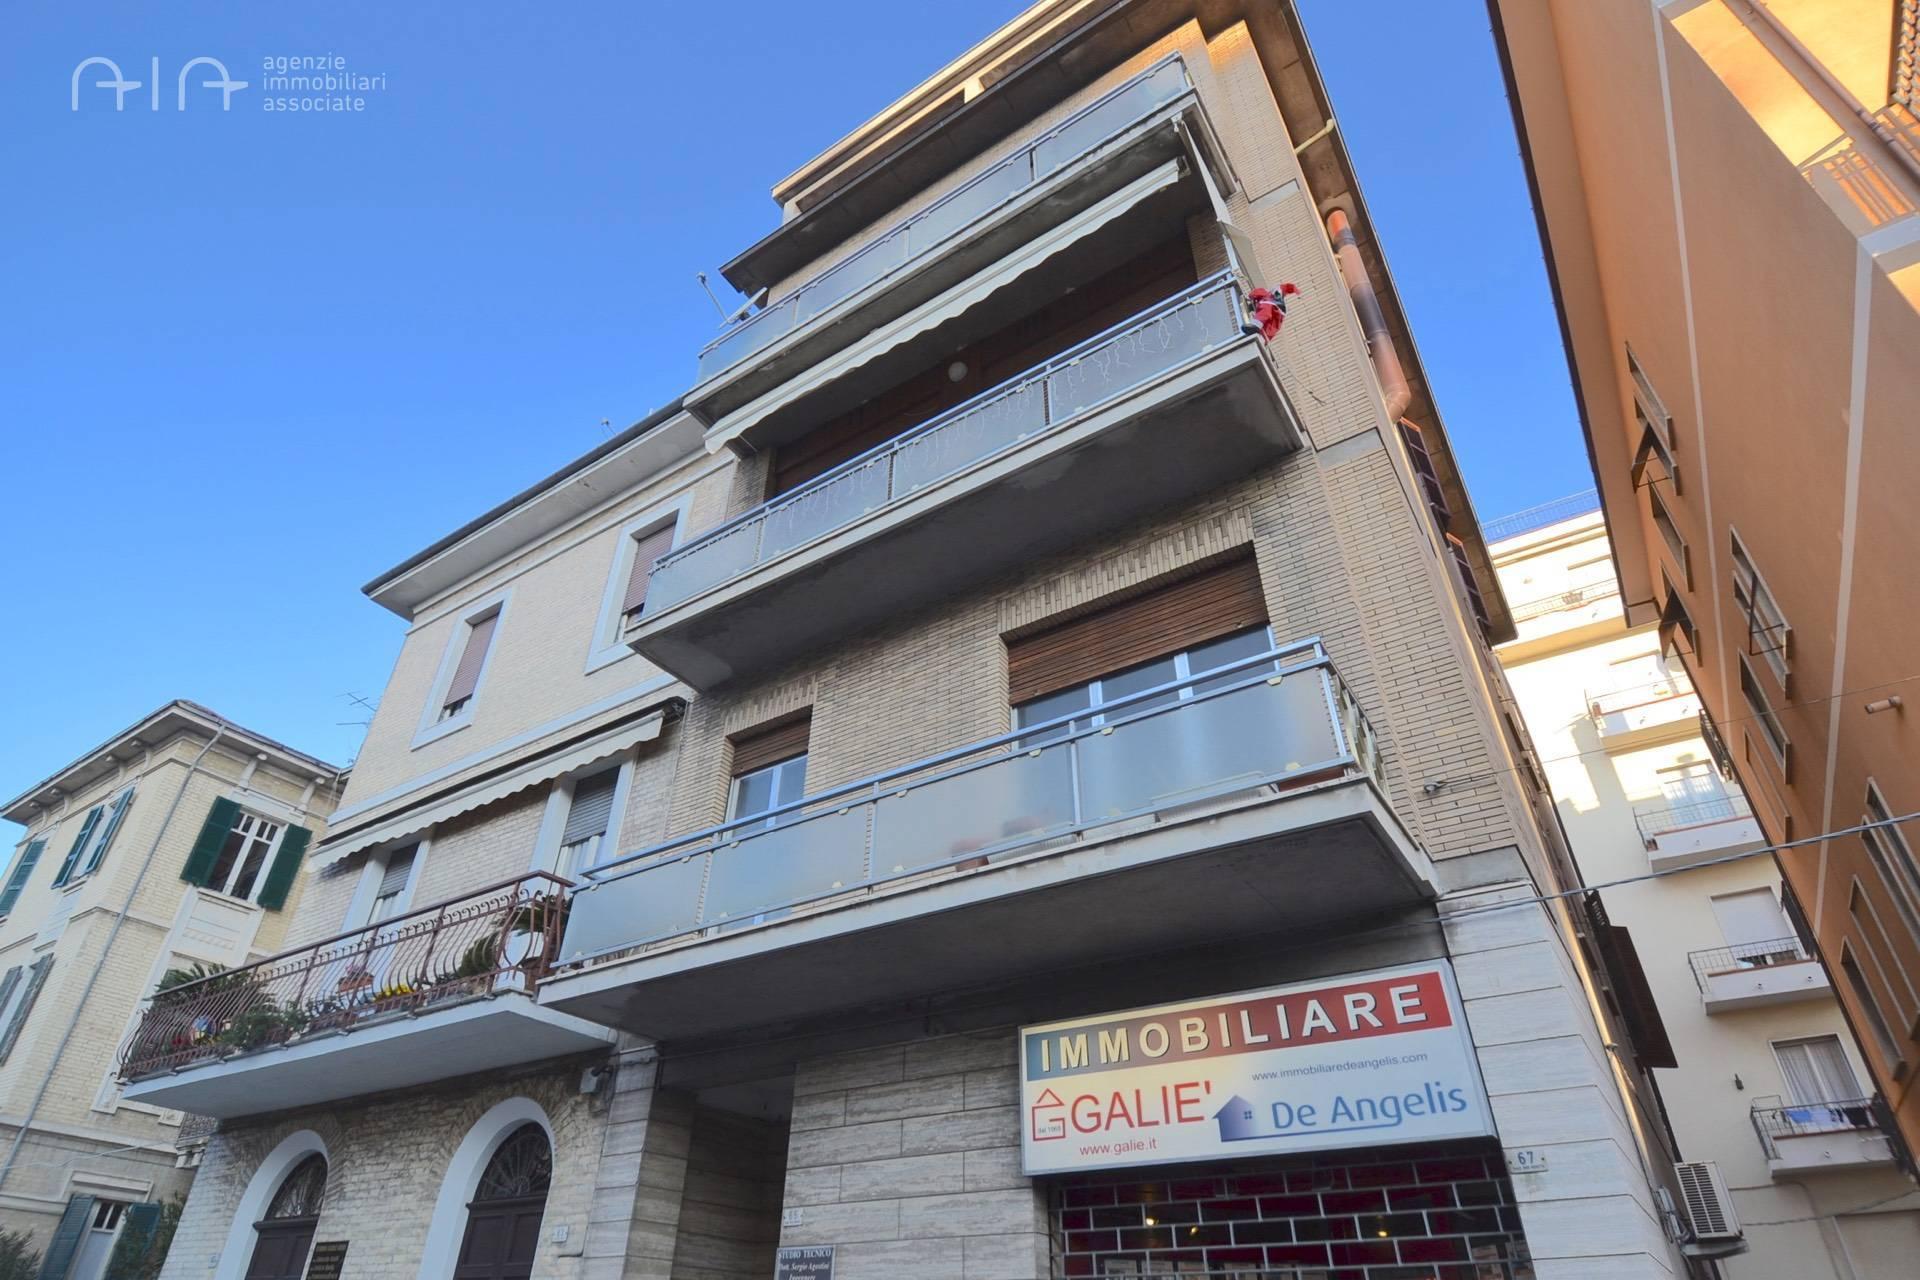 Ufficio in affitto a San Benedetto Del Tronto (AP)